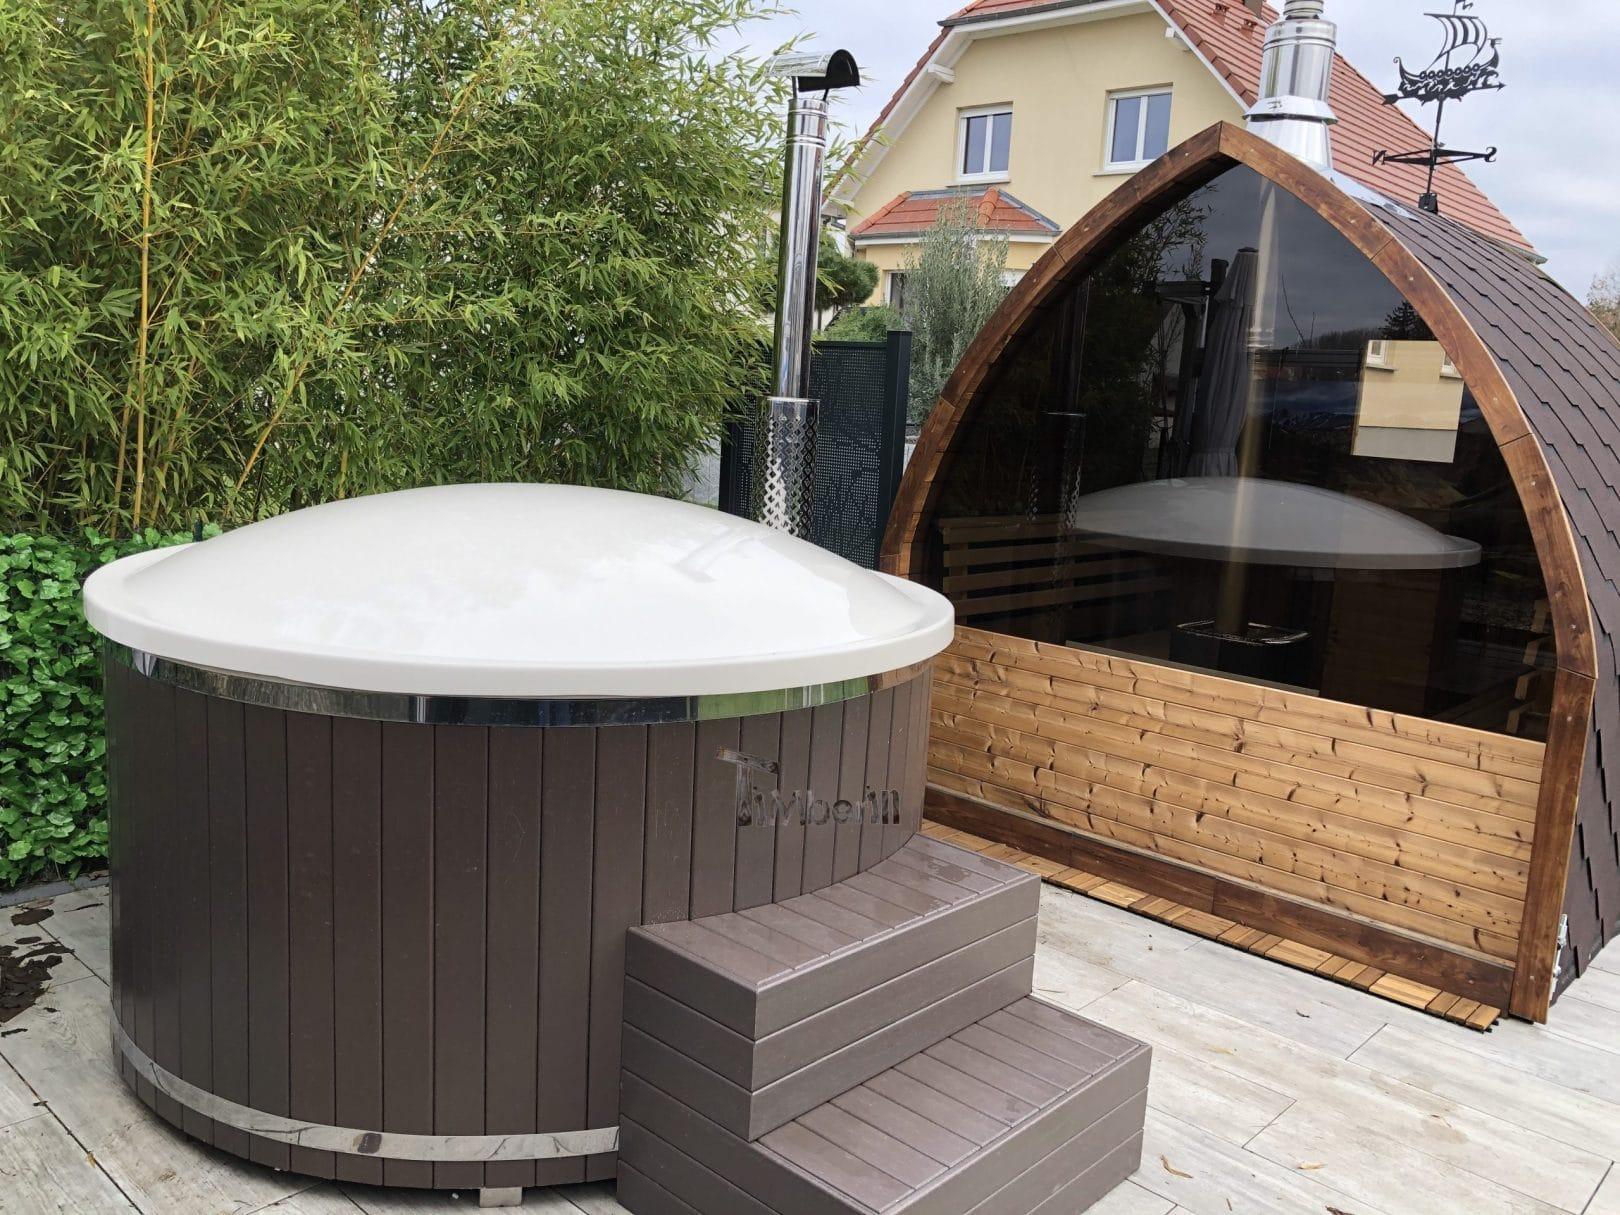 Bain nordique avec SMART poele a granules Sauna exterieur jardin Iglu Jose HAGUENAU France 1 scaled